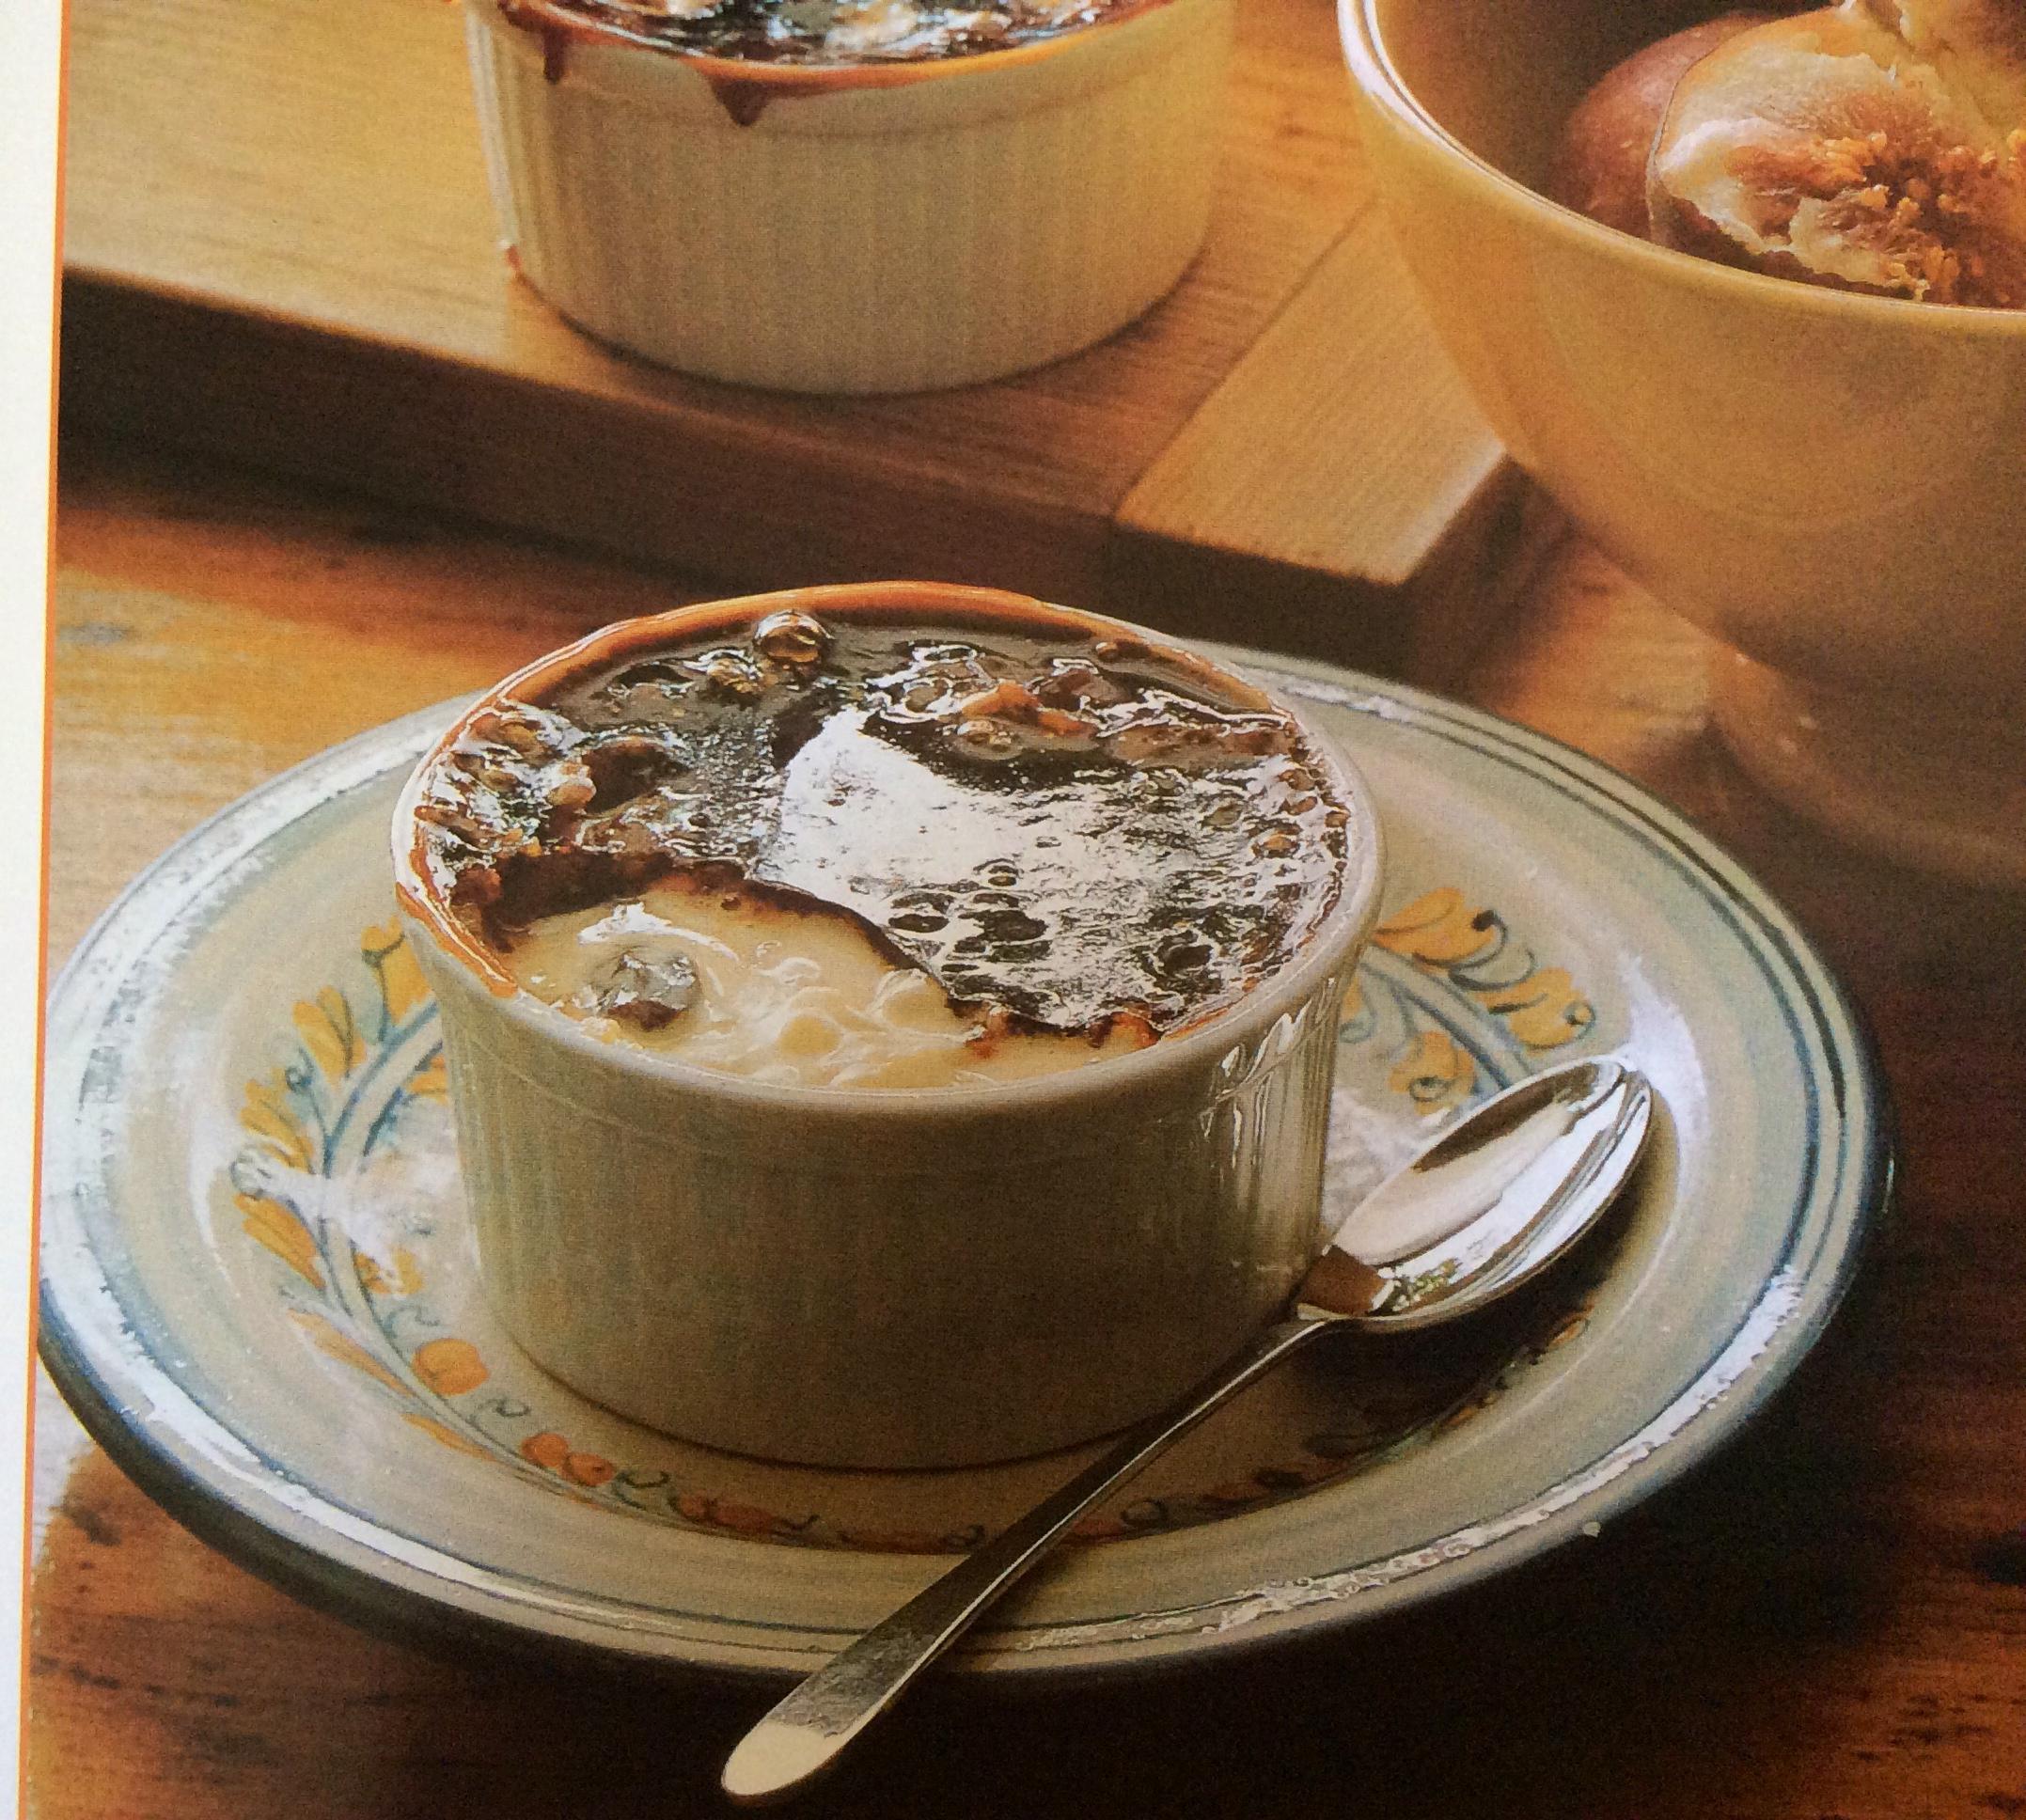 Caramelized Rice Pudding